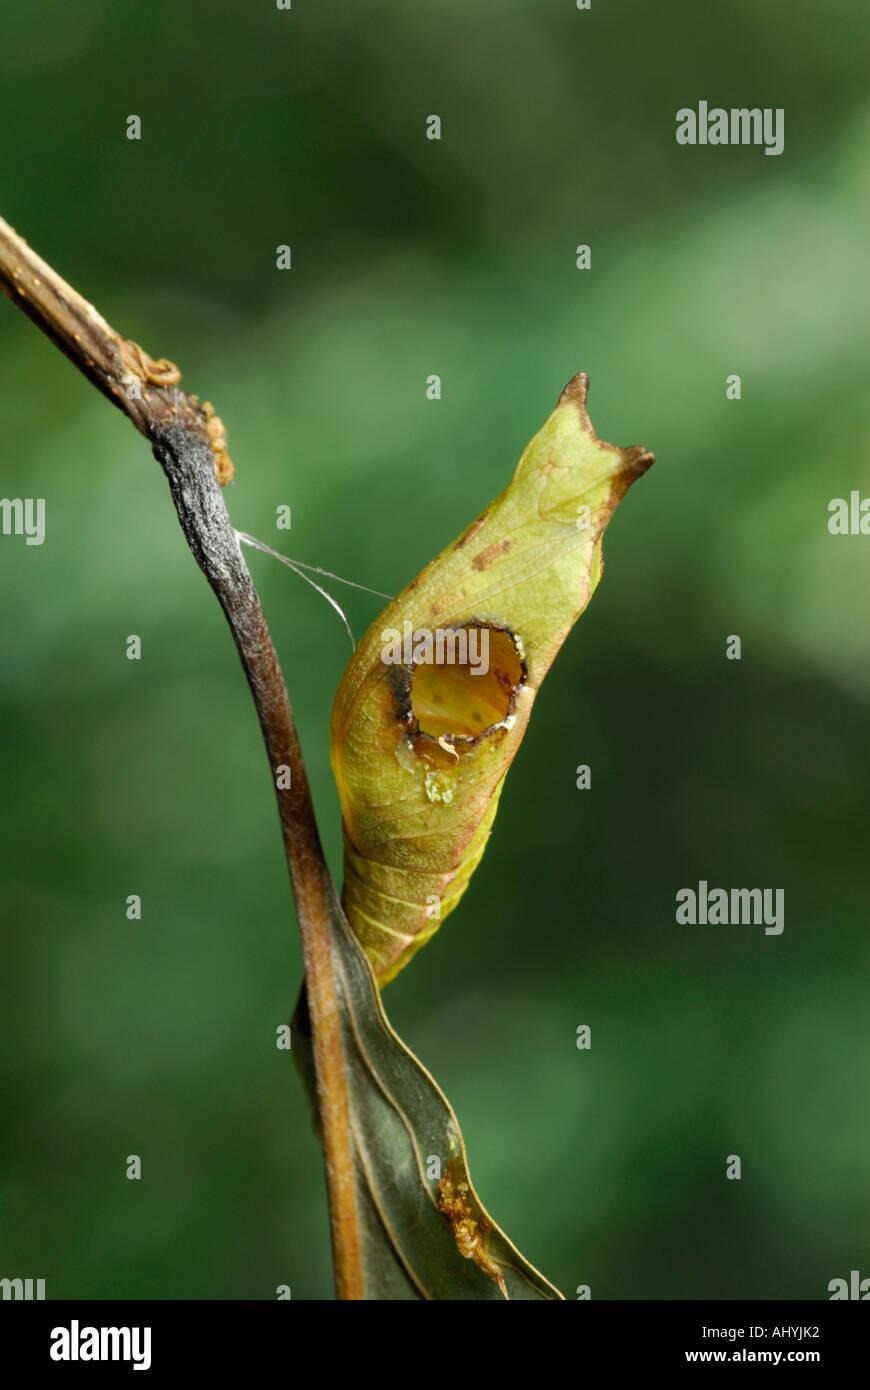 Avispa parasitoide, Ichneumonid salir de agujero en su host, una crisálida de una especie spicebush. Consulte la Foto de stock